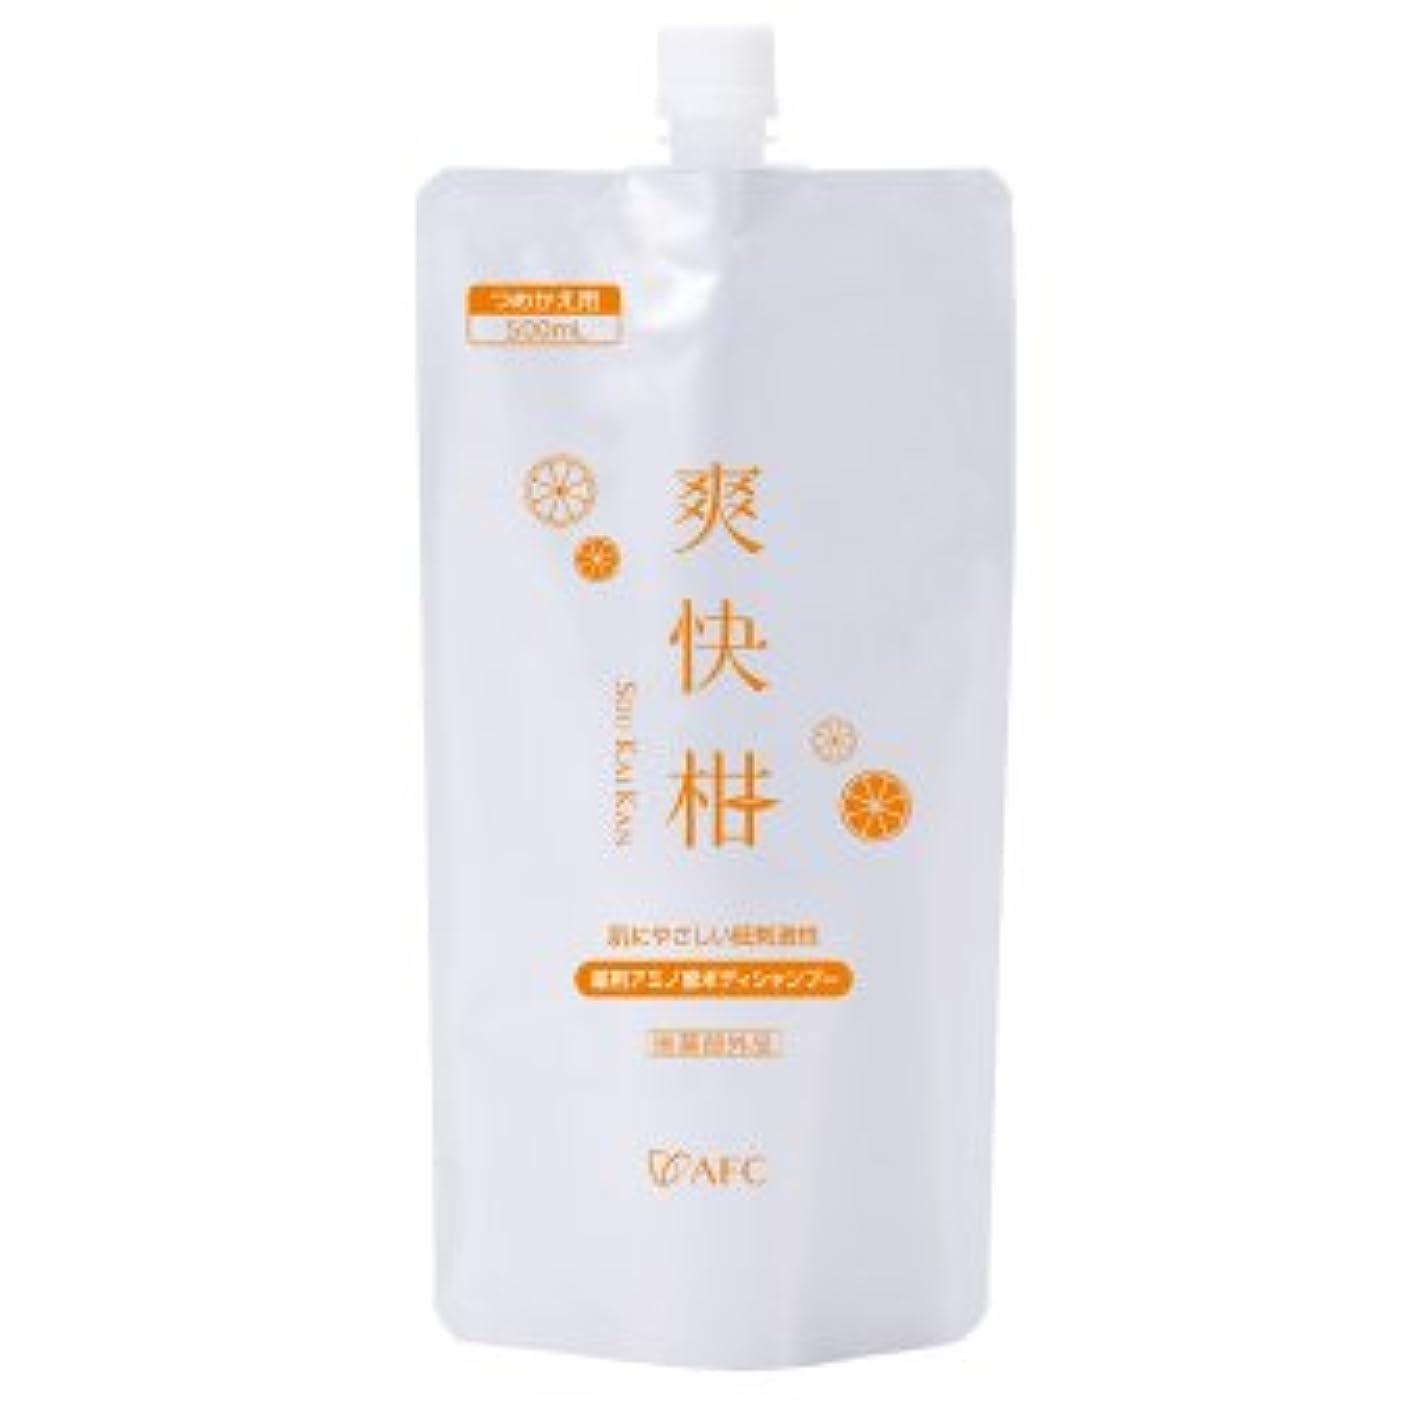 【医薬部外品】【AFC公式ショップ】薬用 アミノ酸ボディシャンプー爽快柑 500mL